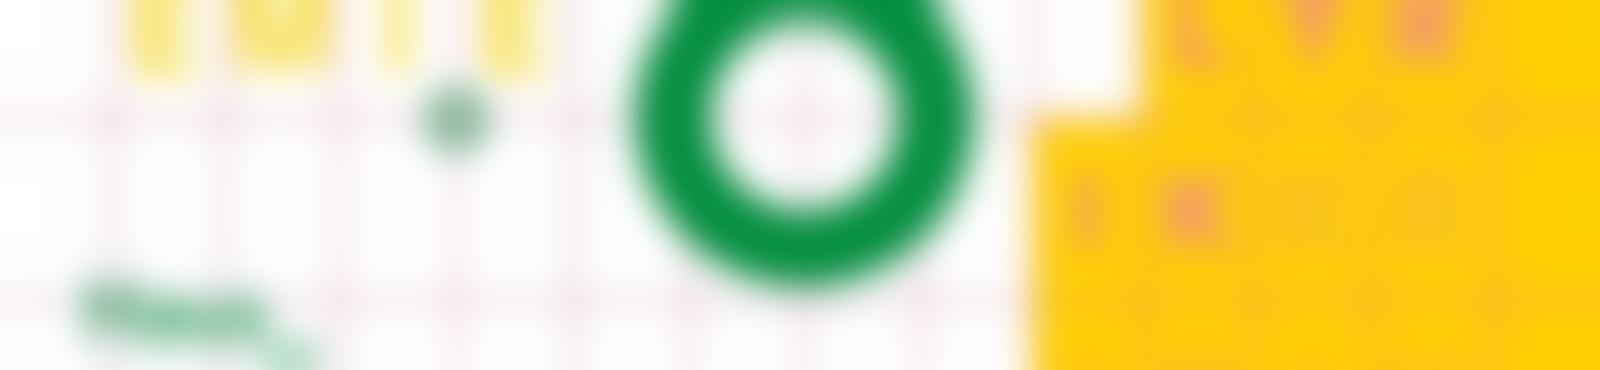 Blurred cb4988c8 f073 4e22 97a9 e960f57083bc